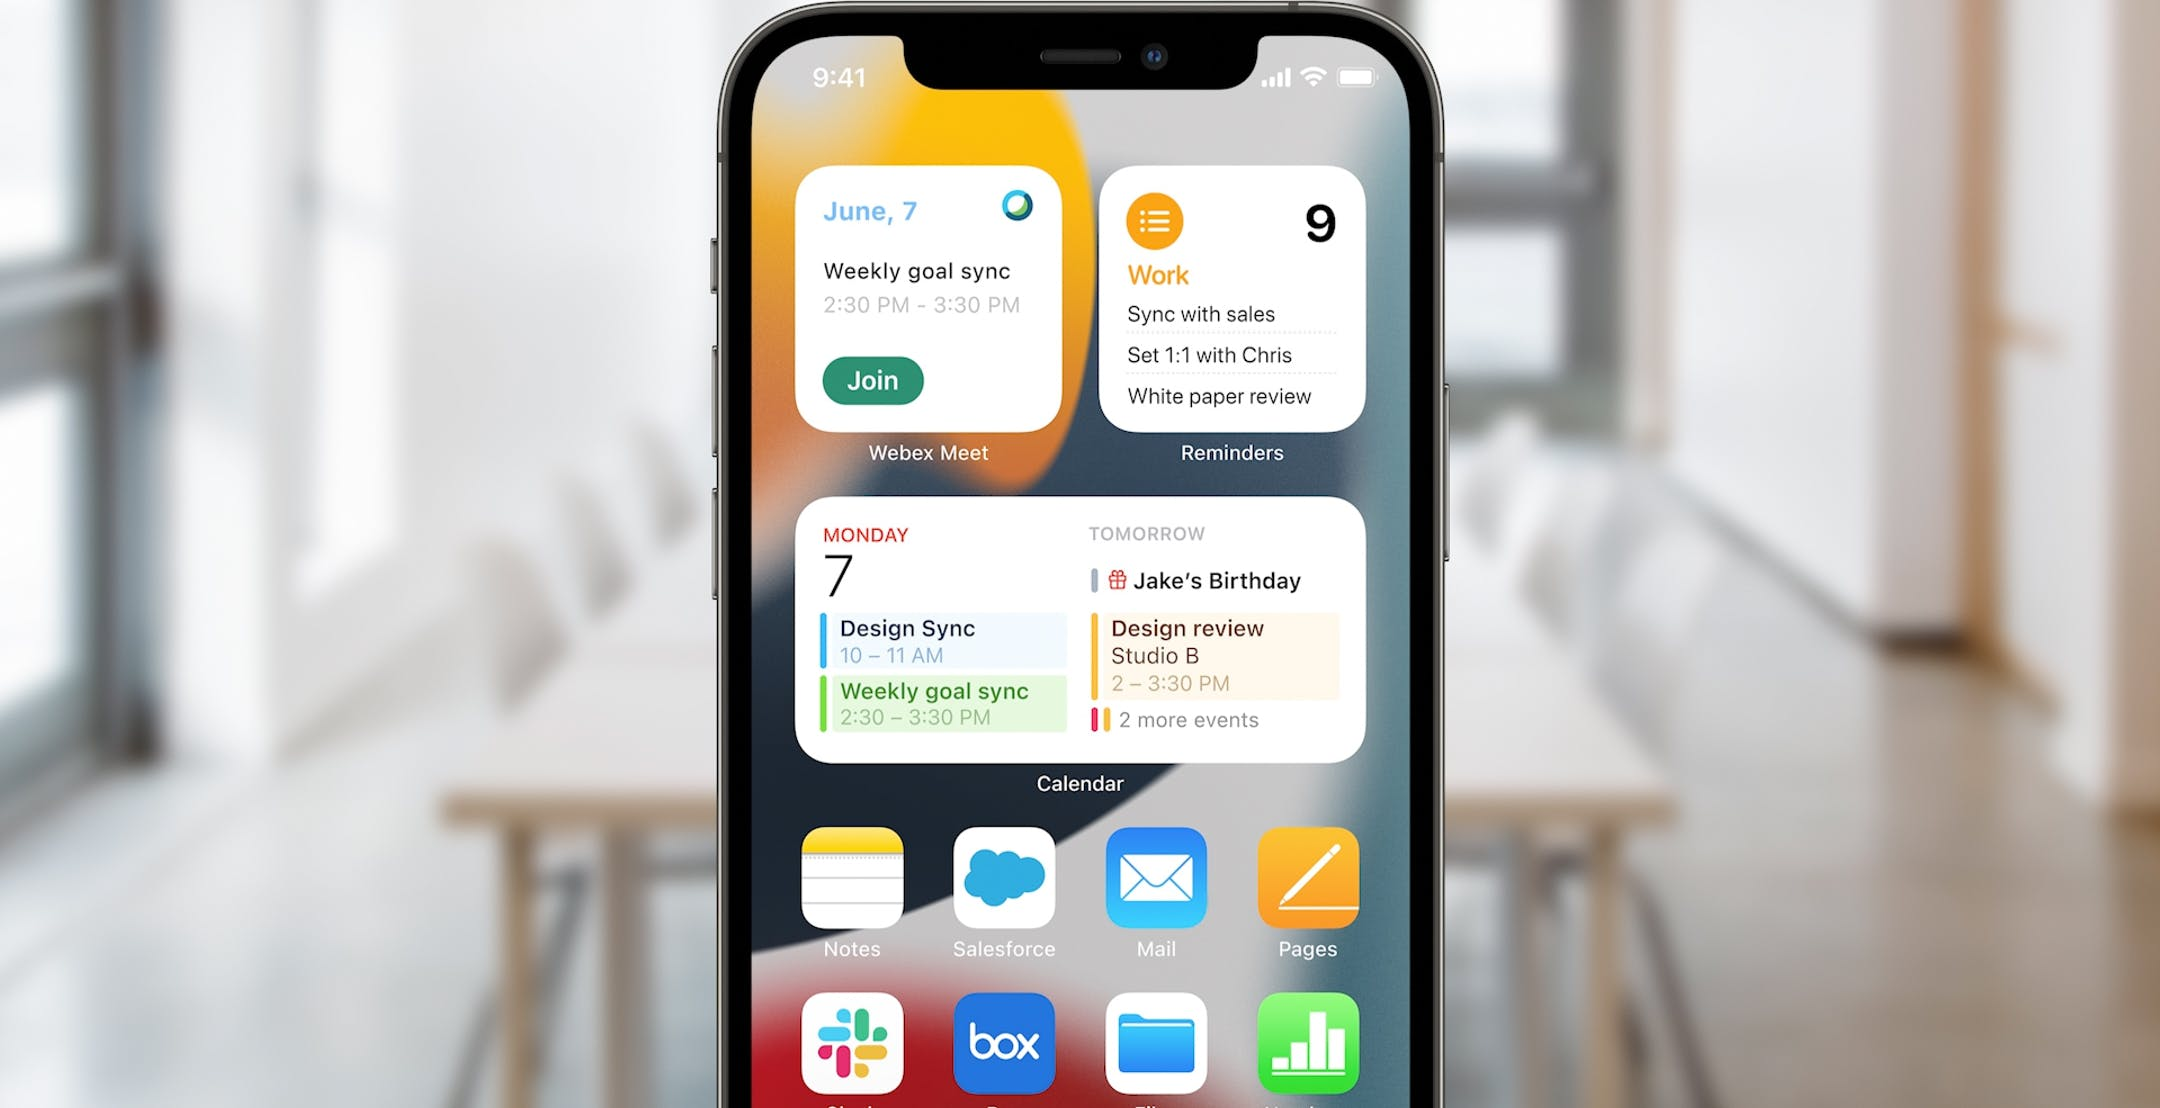 Come sarà iOS 15: notifiche migliorate e videochiamate FaceTime anche con utenti Android e Windows